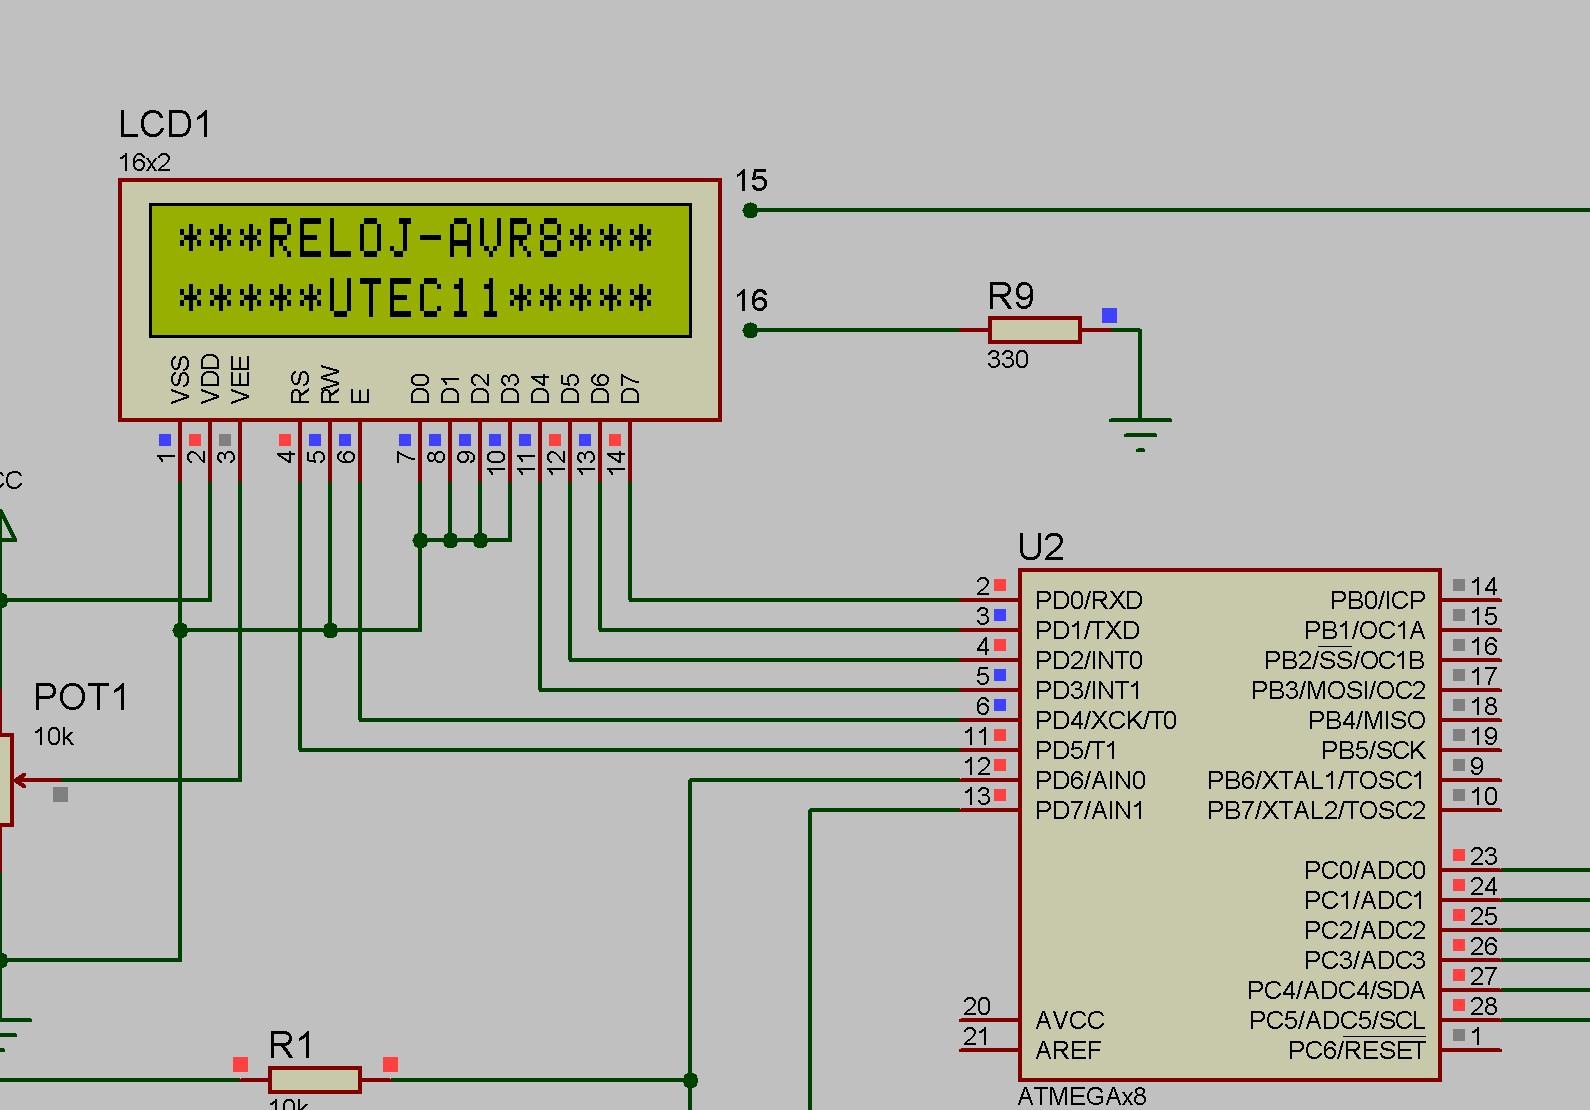 Универсальный программатор pic и avr схема